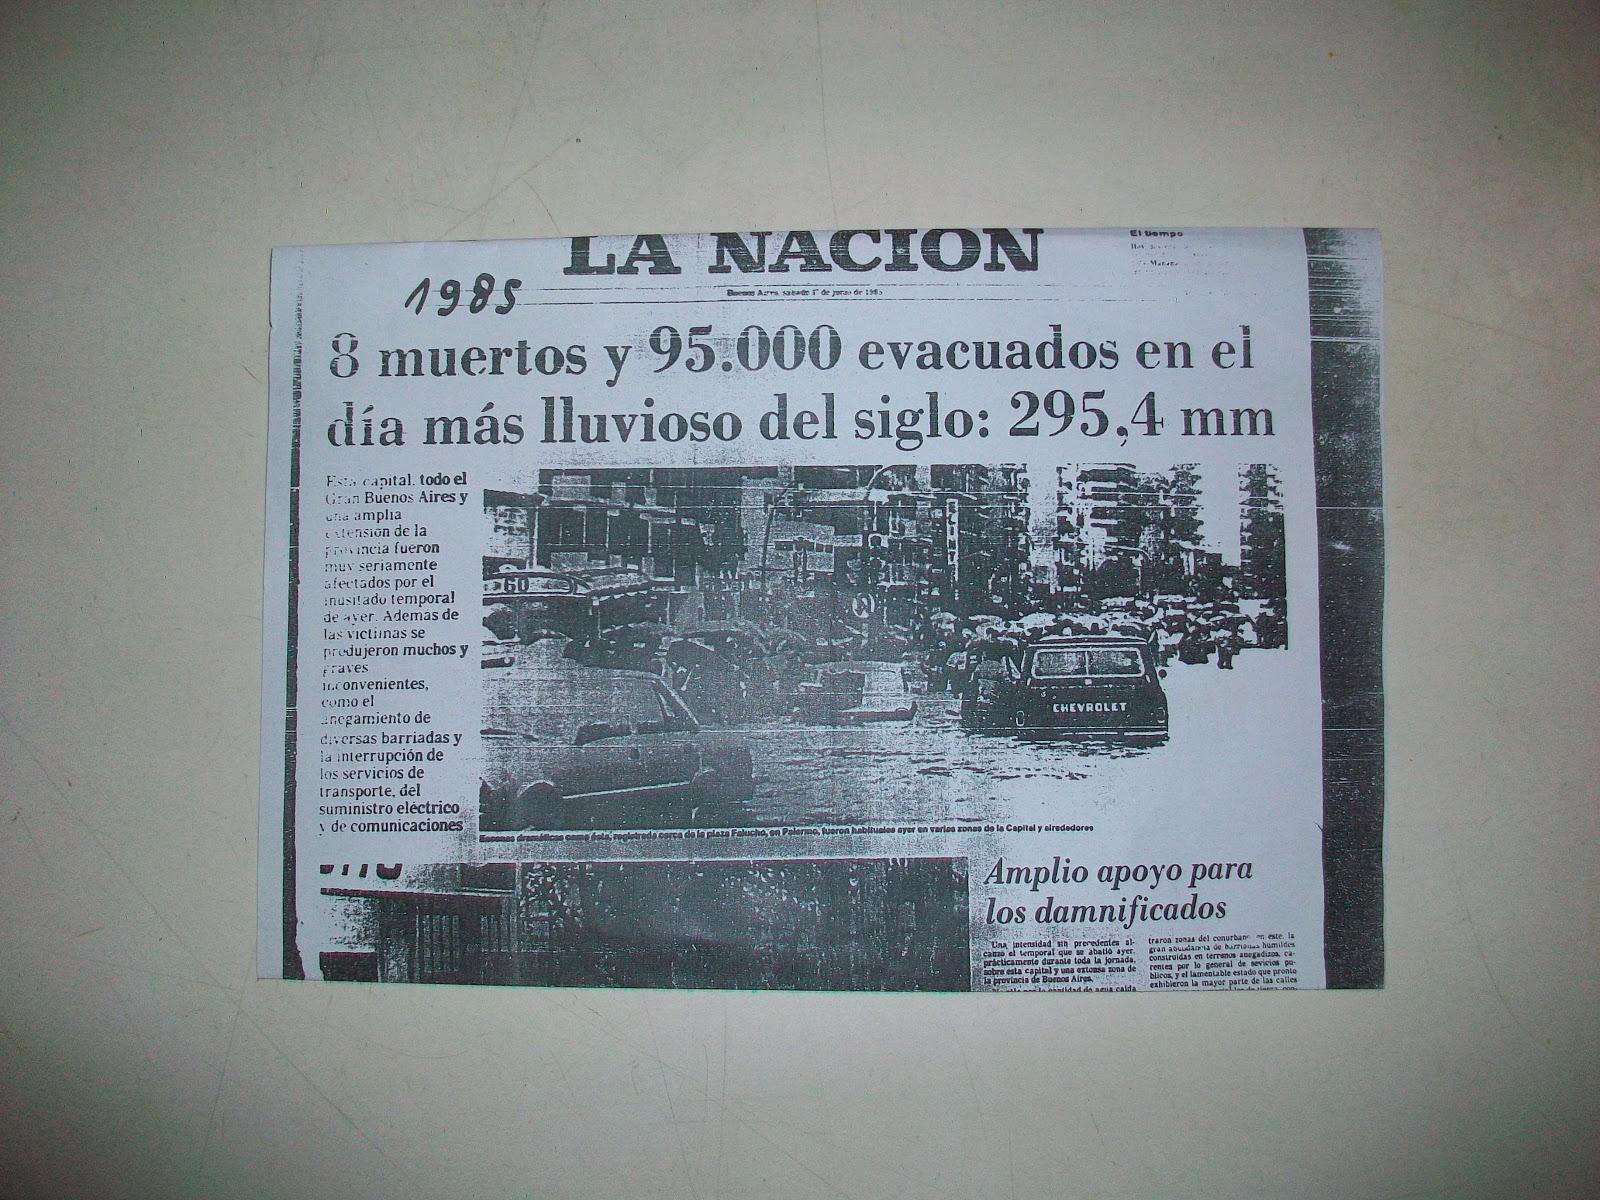 DILUVIO DEL 31 DE MAYO DE 1985